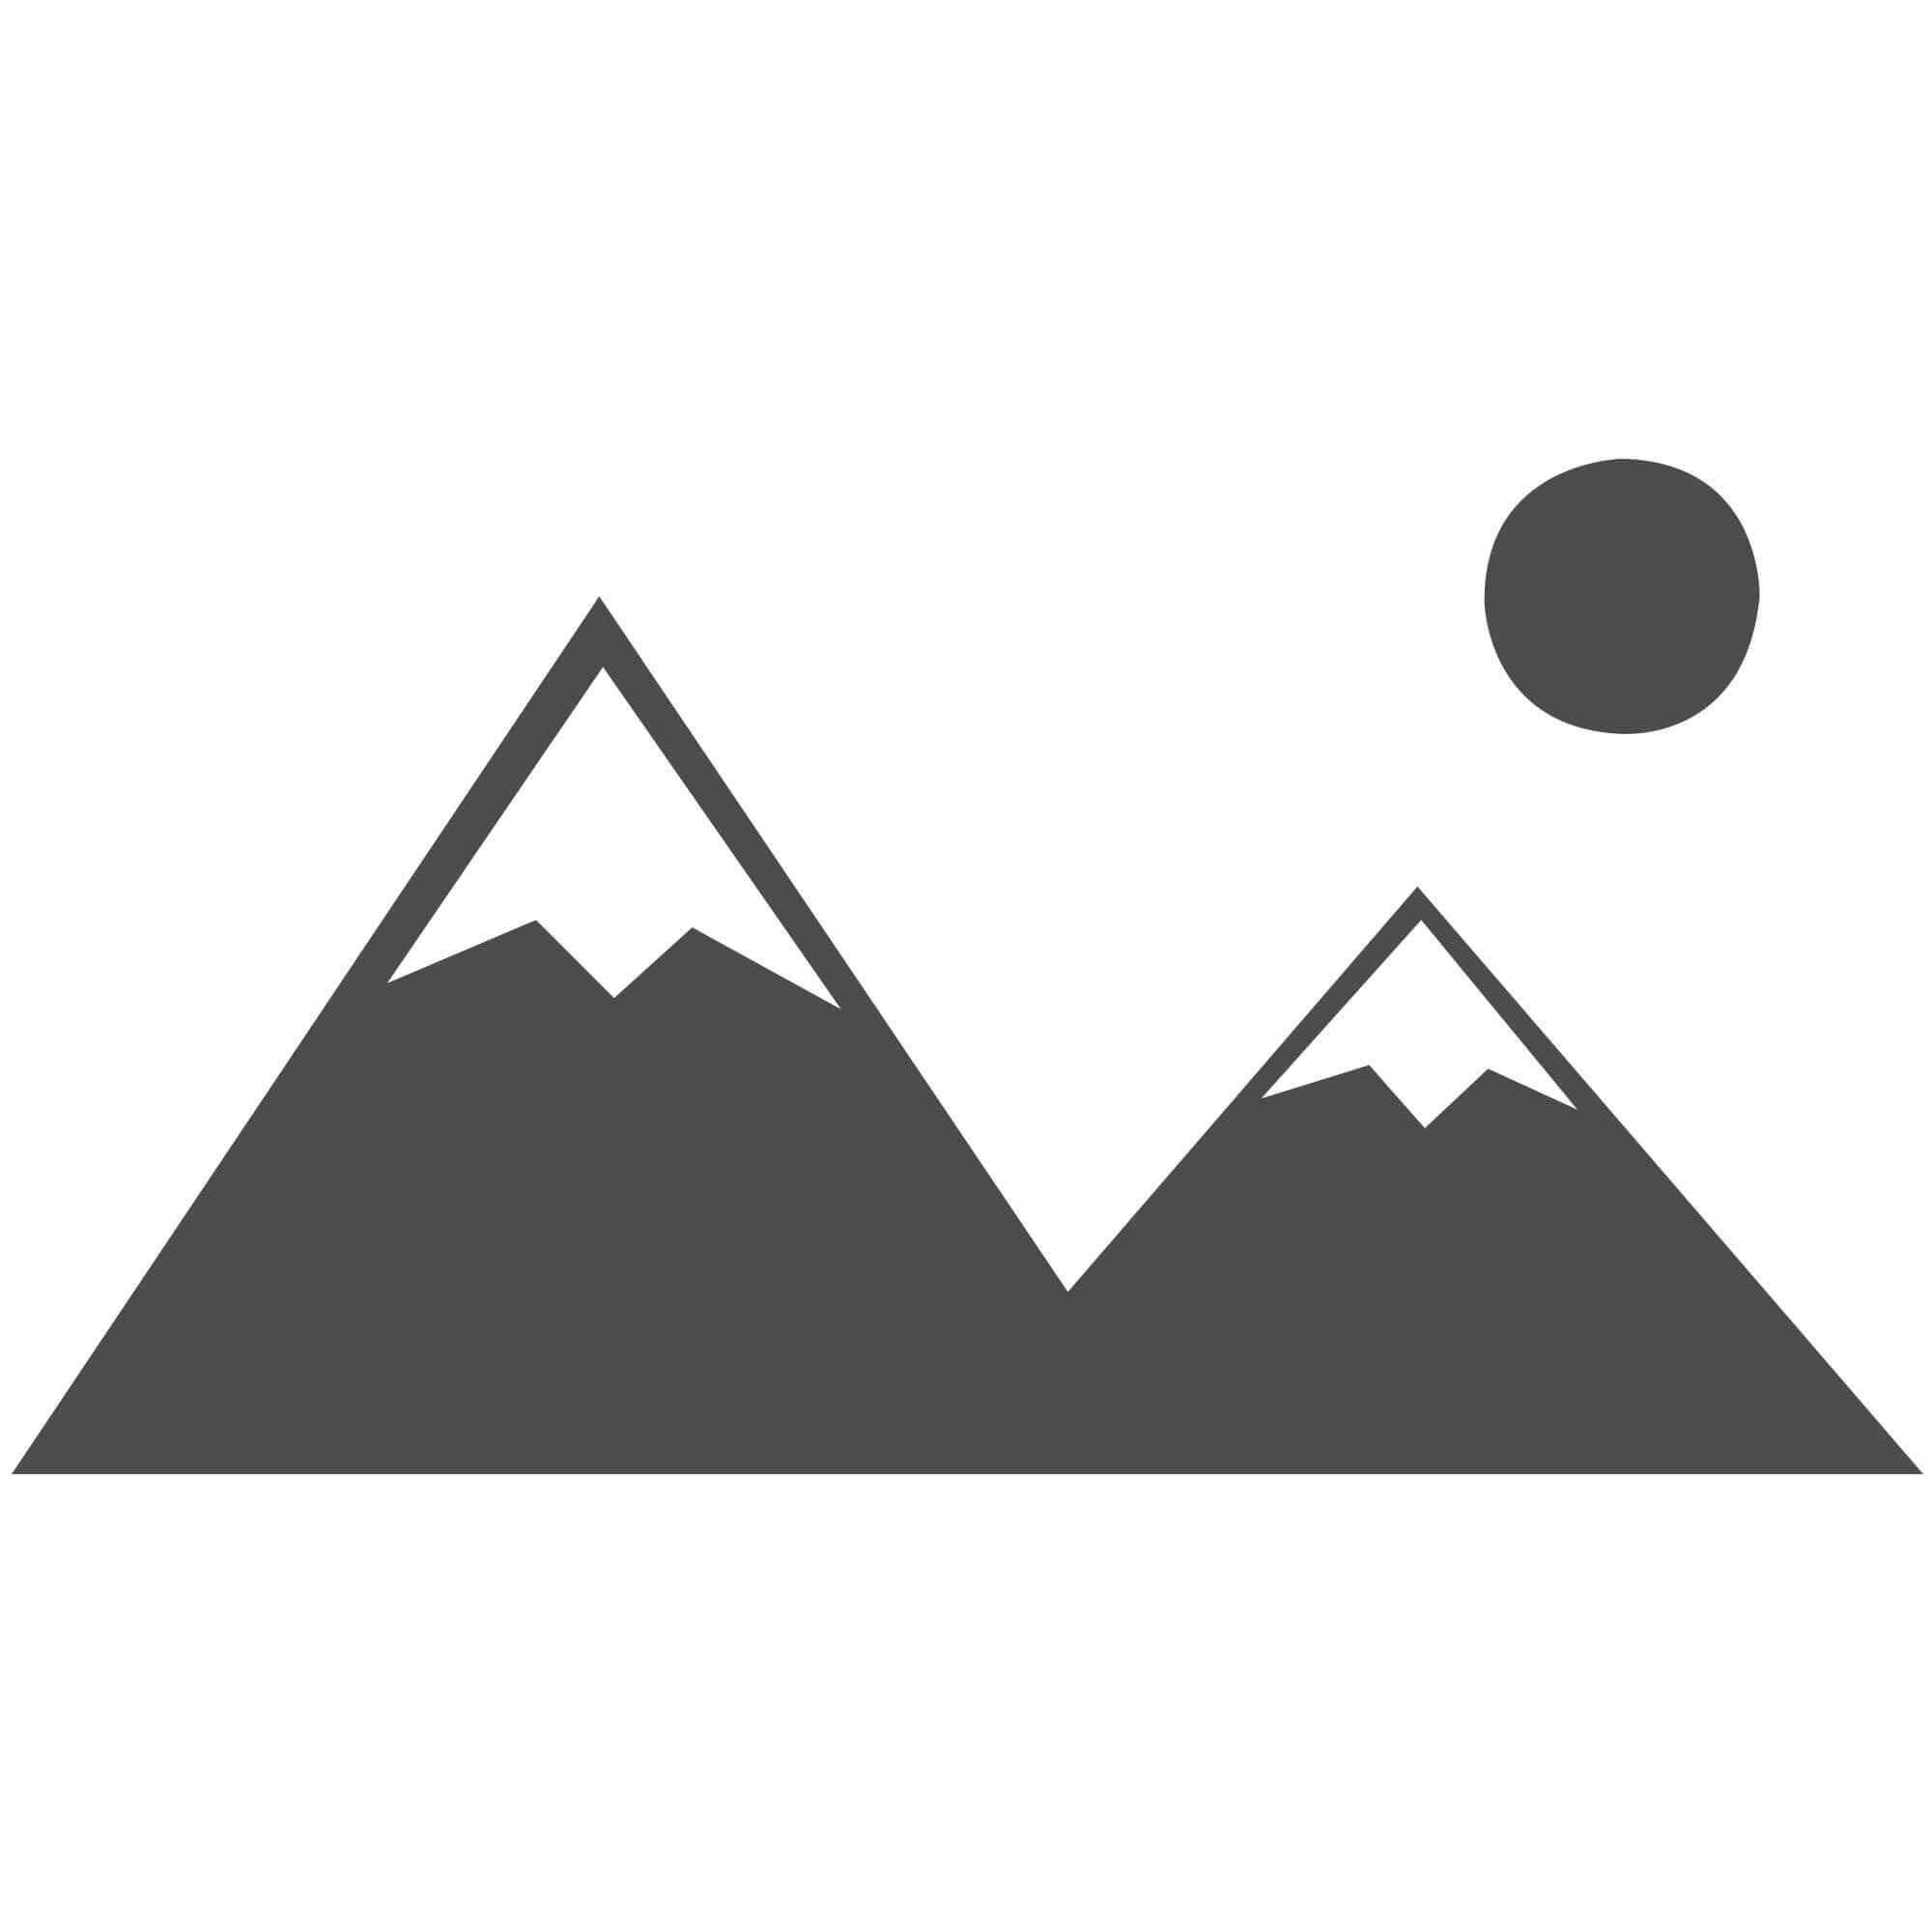 Dovre 250 Ivory White enamel wood burning / multifuel stove